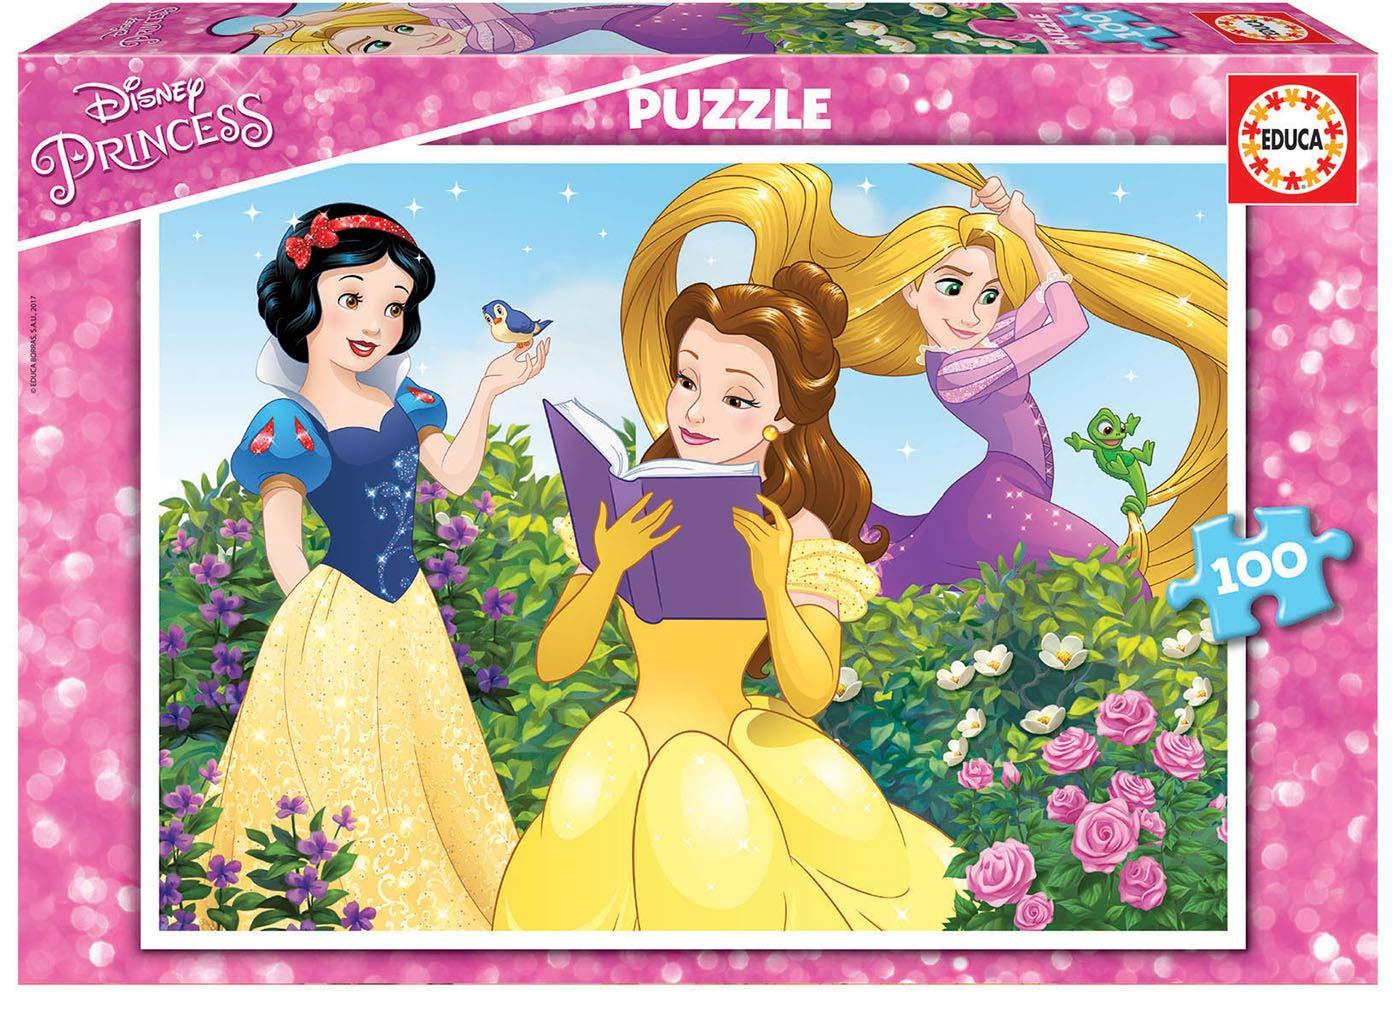 Educa- Princesas Disney Puzzle Infantil de 100 Piezas, a Partir de 6 años (17167): Amazon.es: Juguetes y juegos